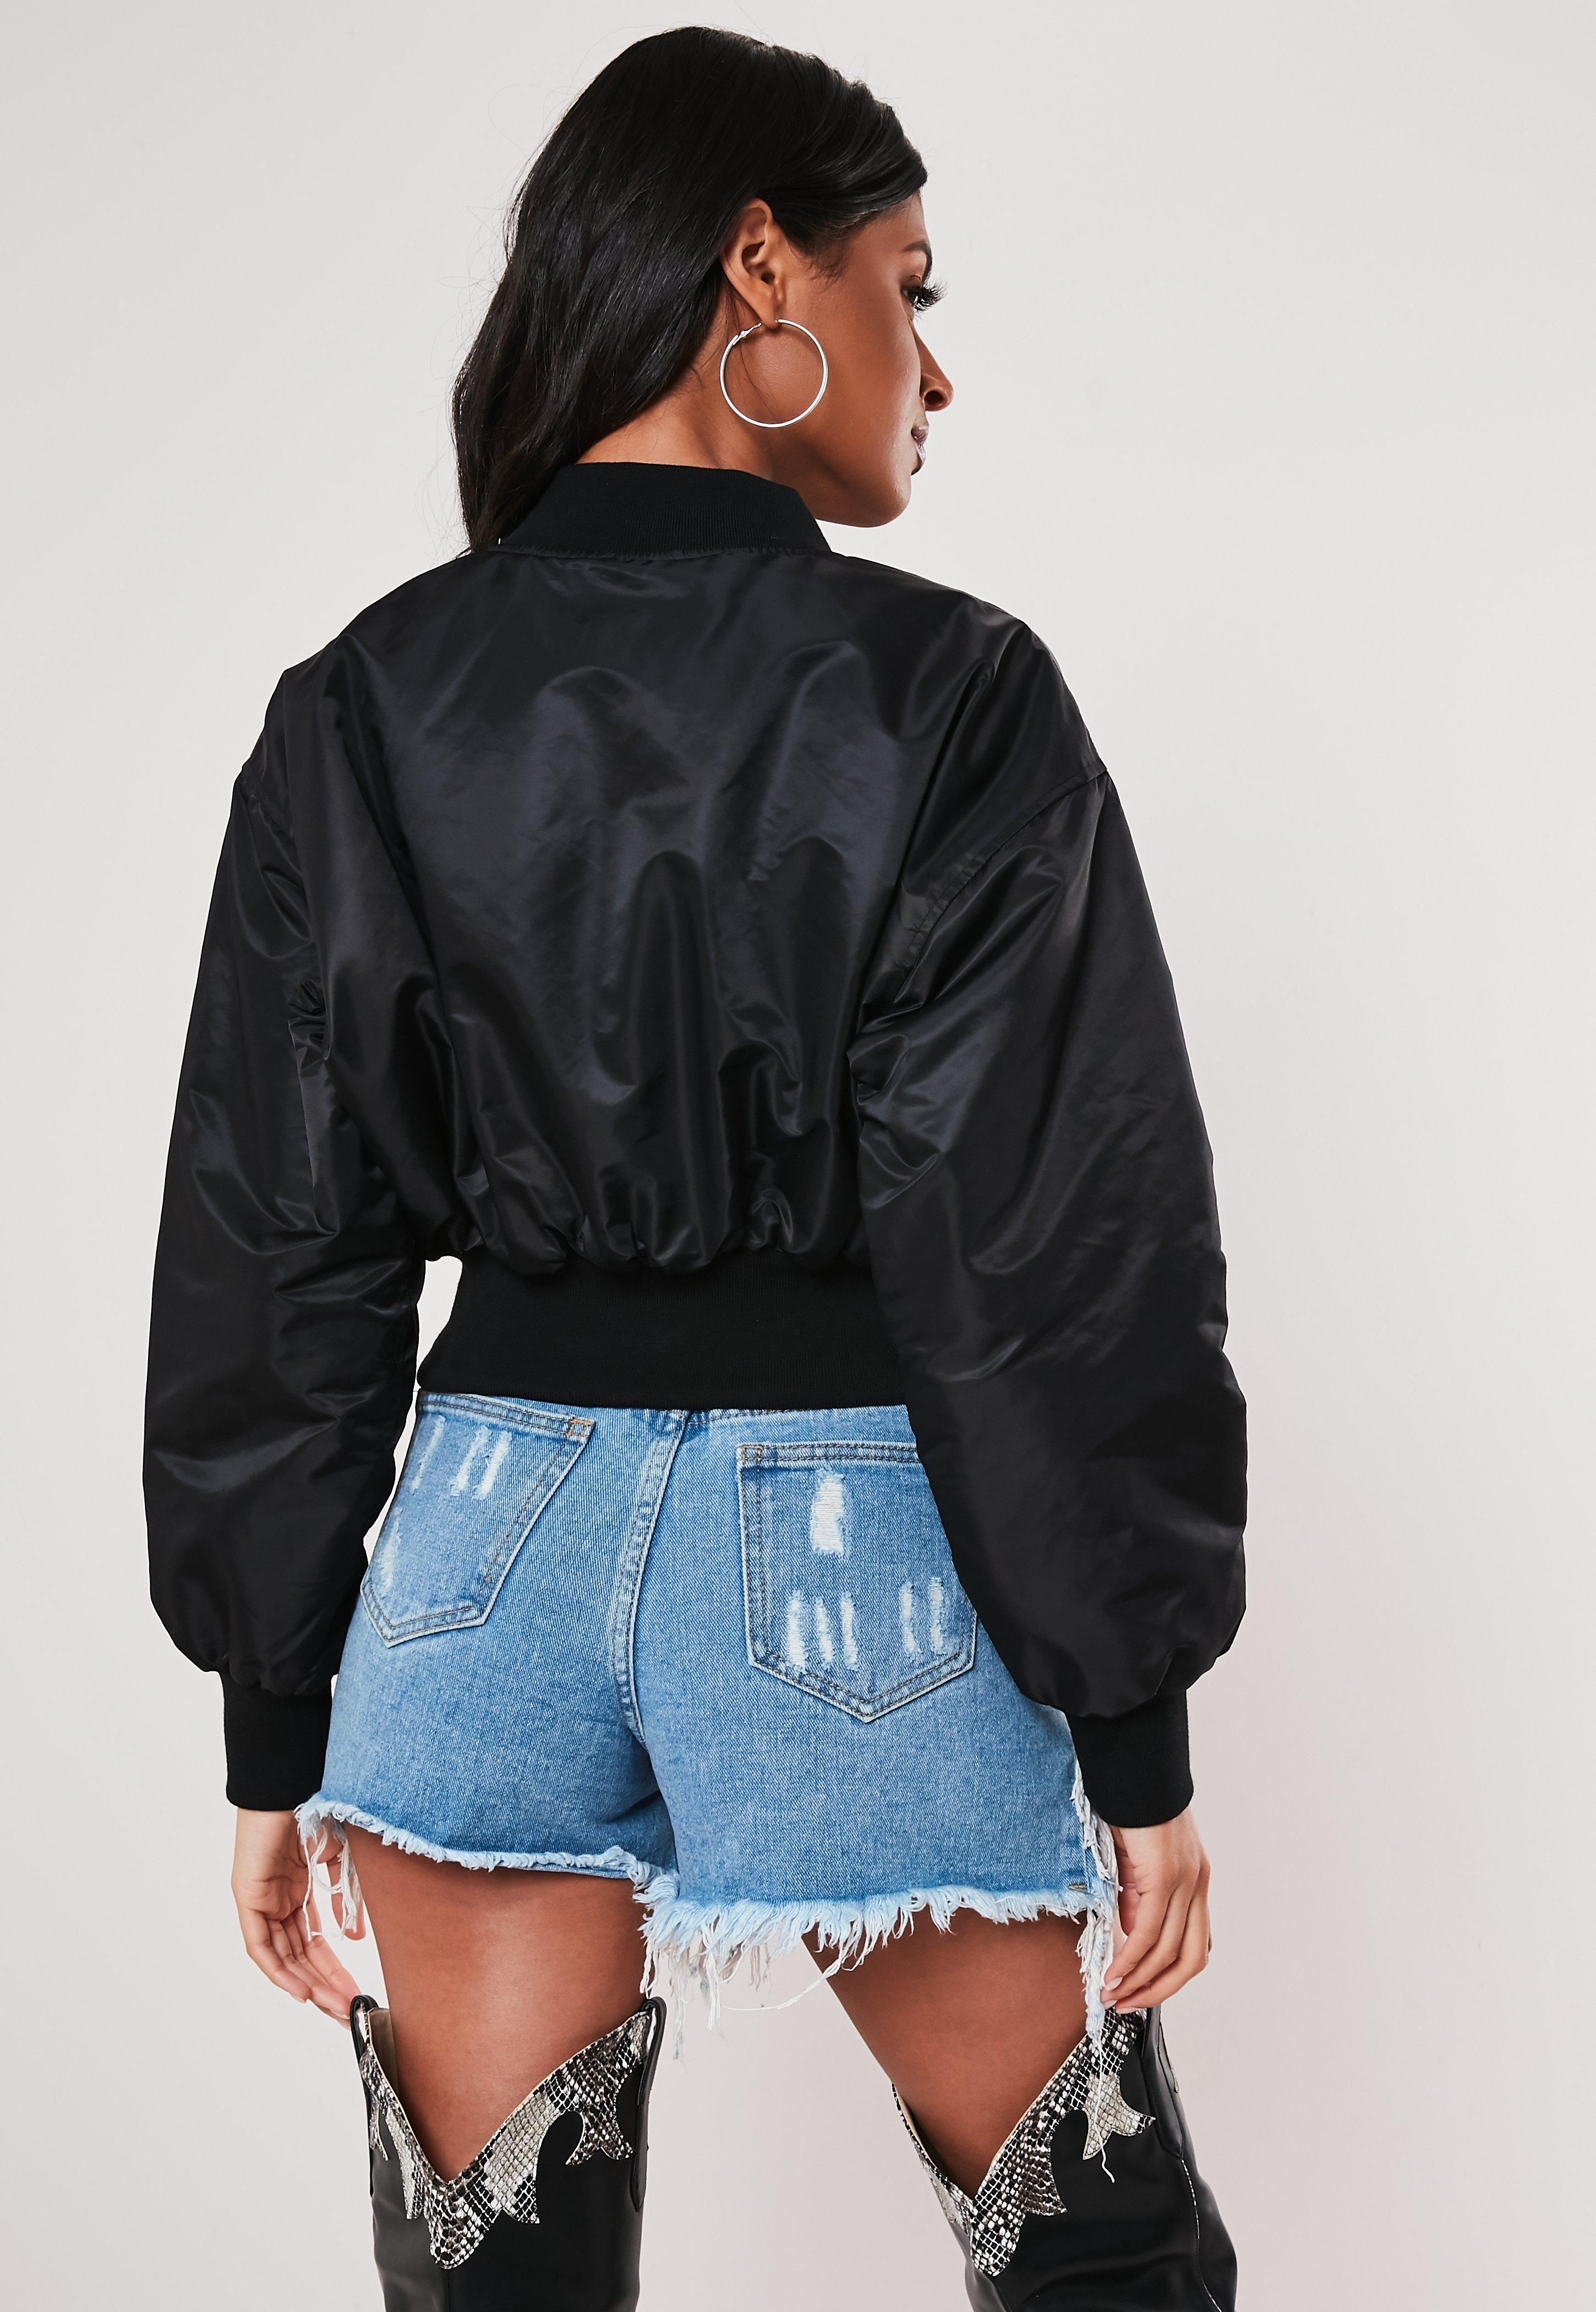 Black Utility Cropped Bomber Jacket Sponsored Utility Sponsored Black Cropped Jackets Women S Coats Jackets Cropped Bomber Jacket [ jpg ]